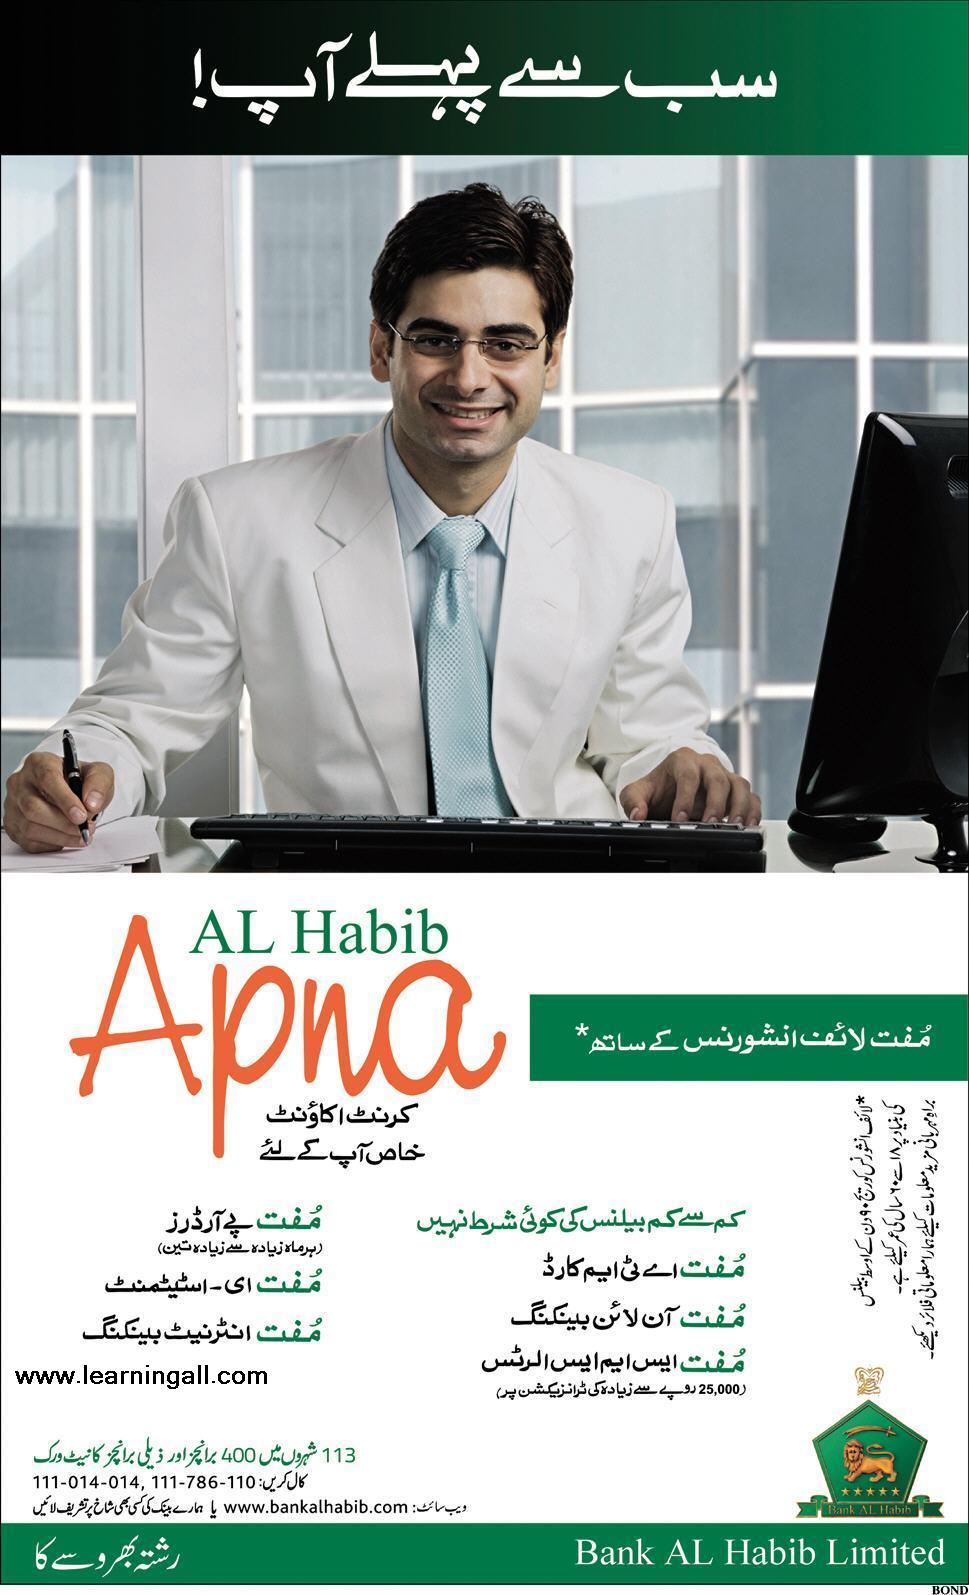 Al Habib Bank Apna Current Account Details And Benefits